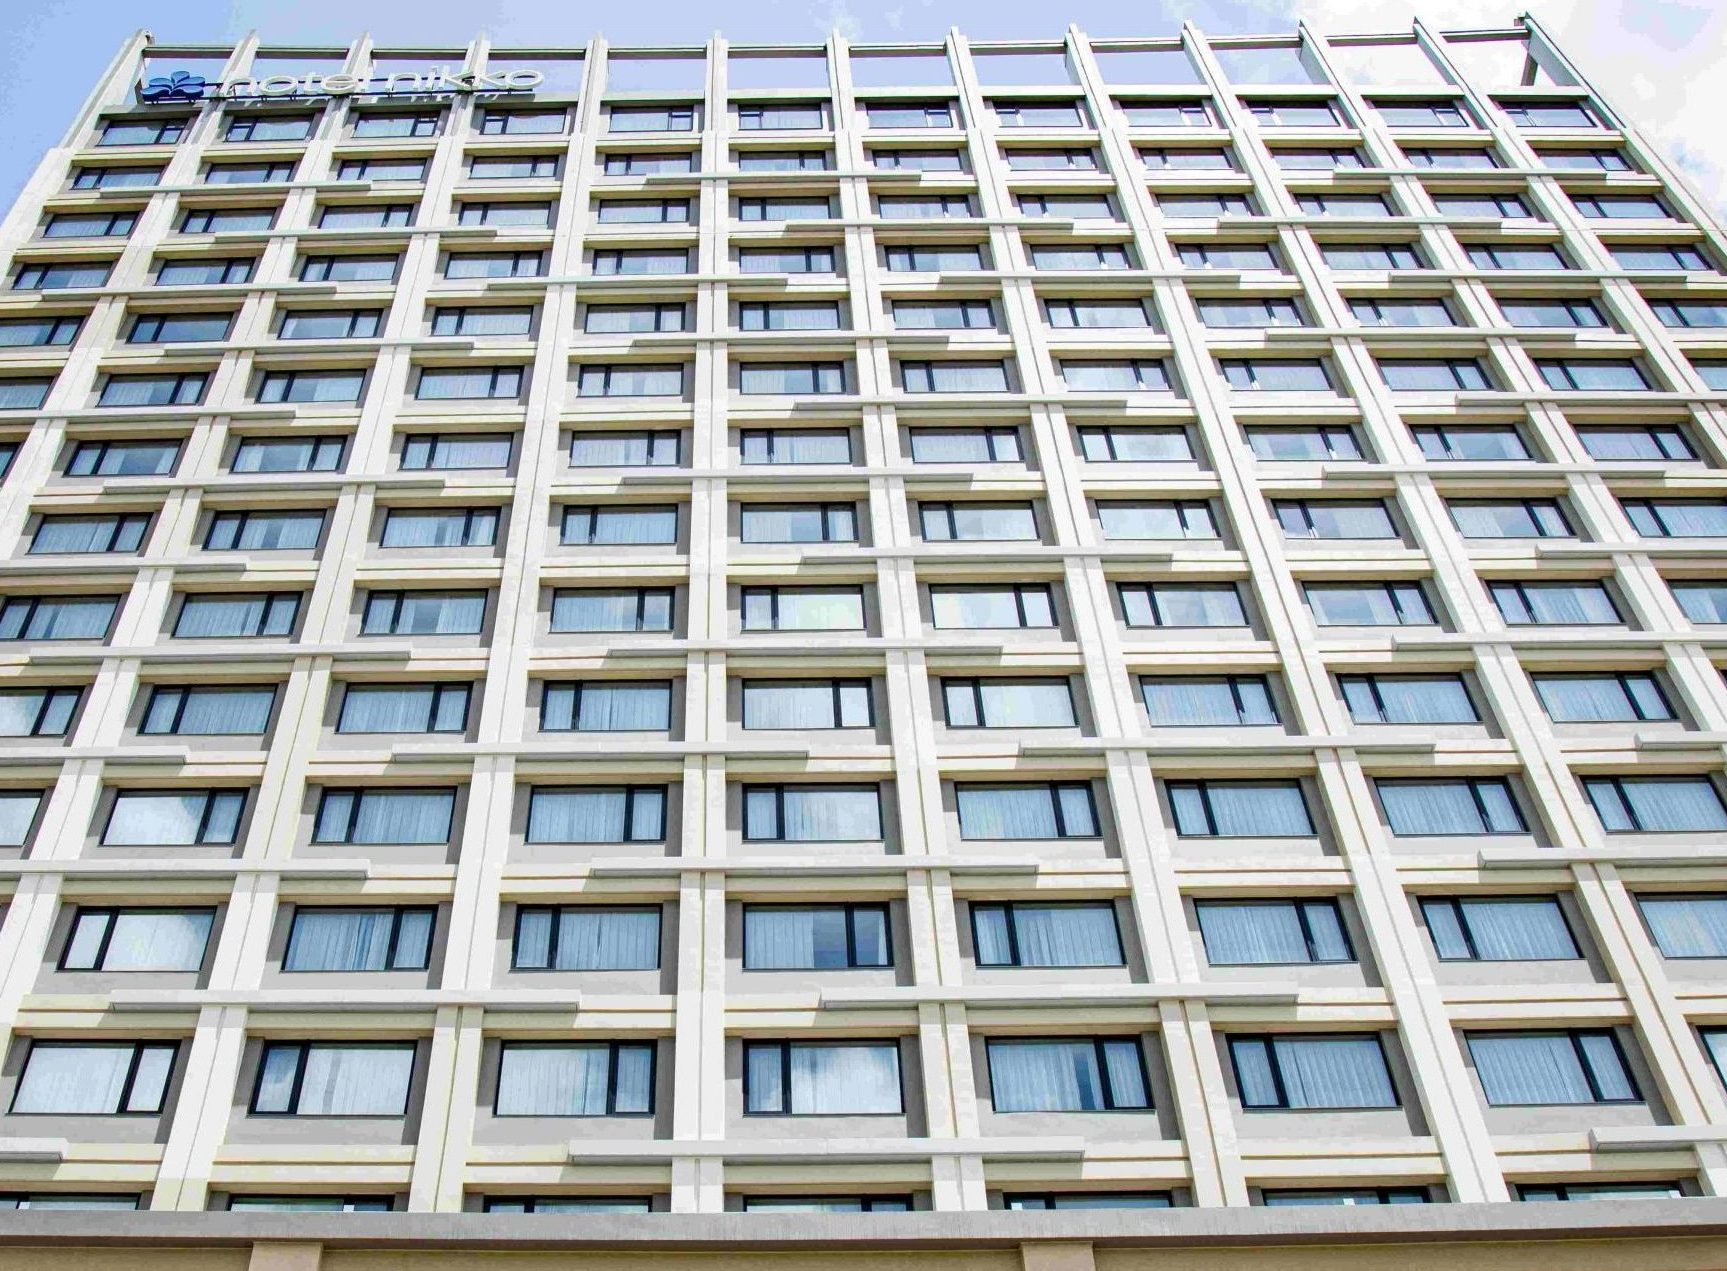 Chụp ảnh lịch tết khách sạn Nikko Hotel Hải Phòng compressed scaled e1598536929244